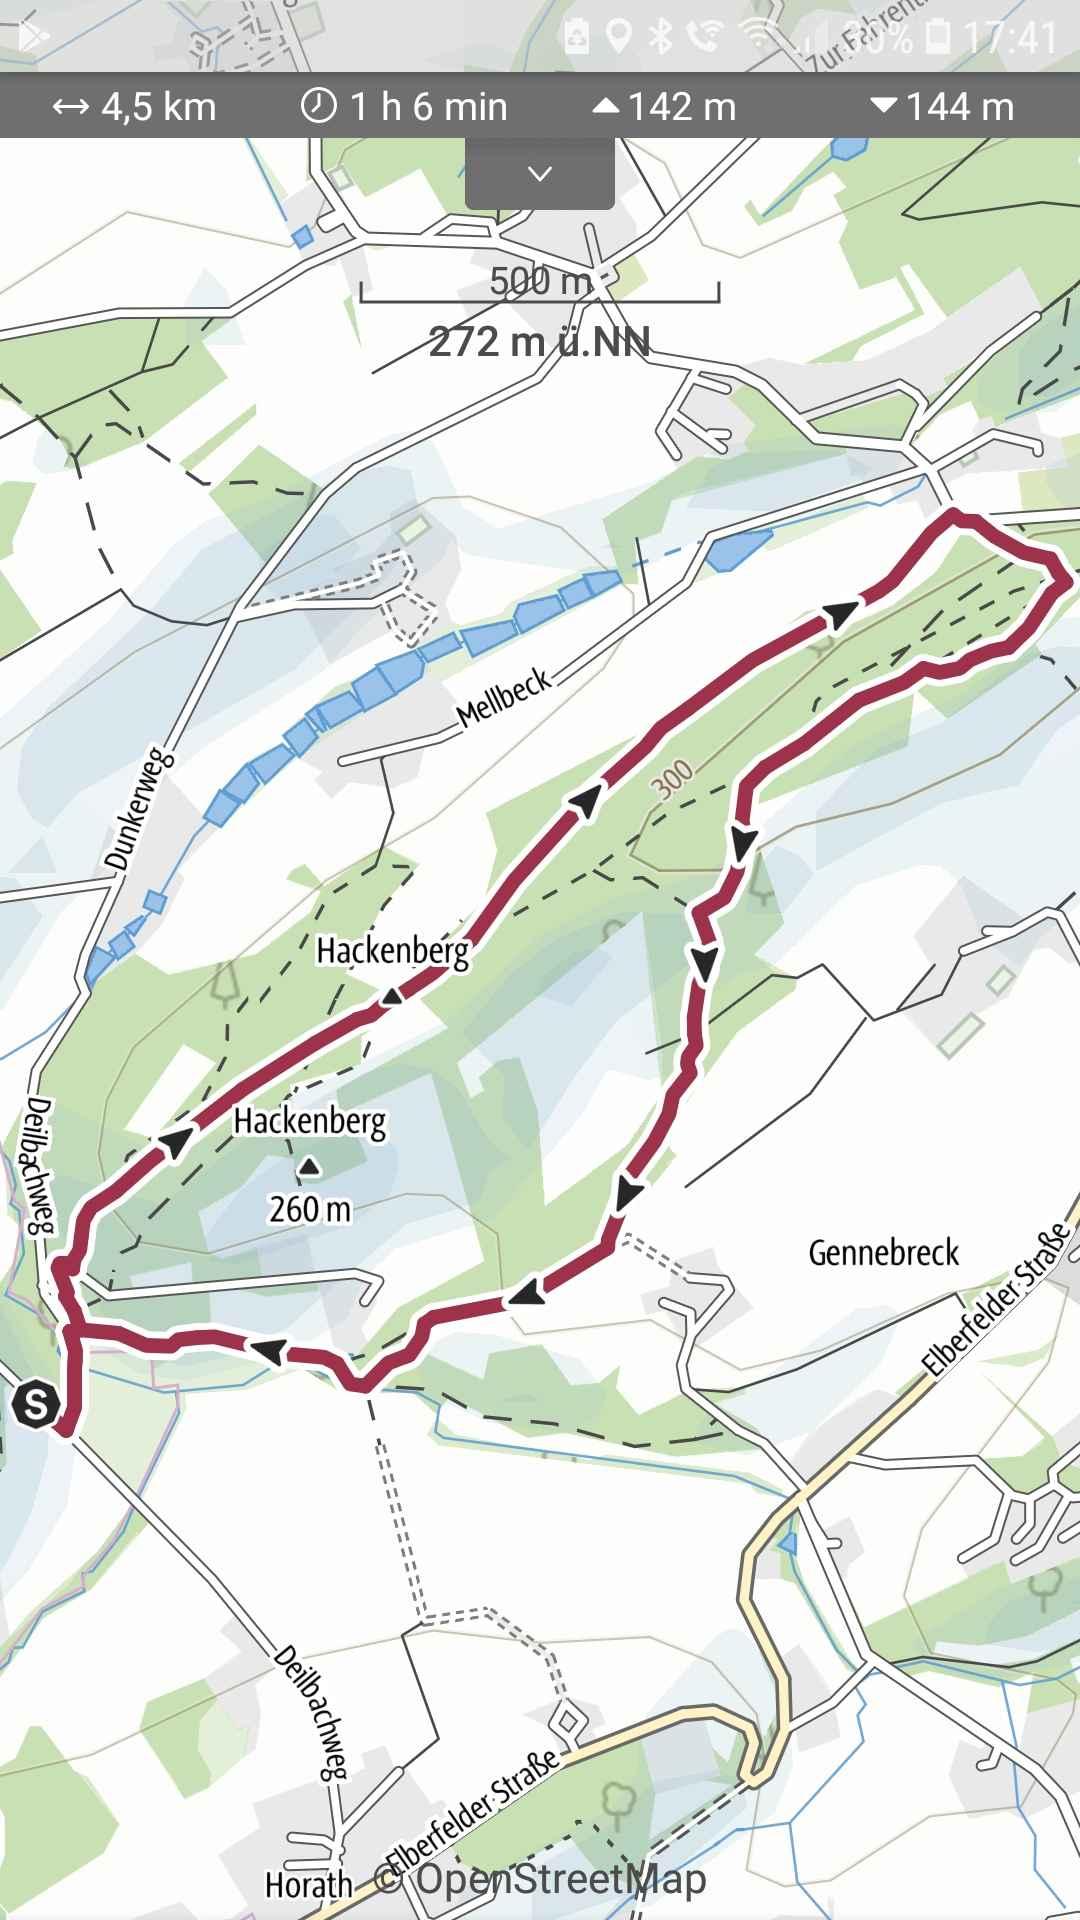 Hackenberg und Deilbachtal bei Horath